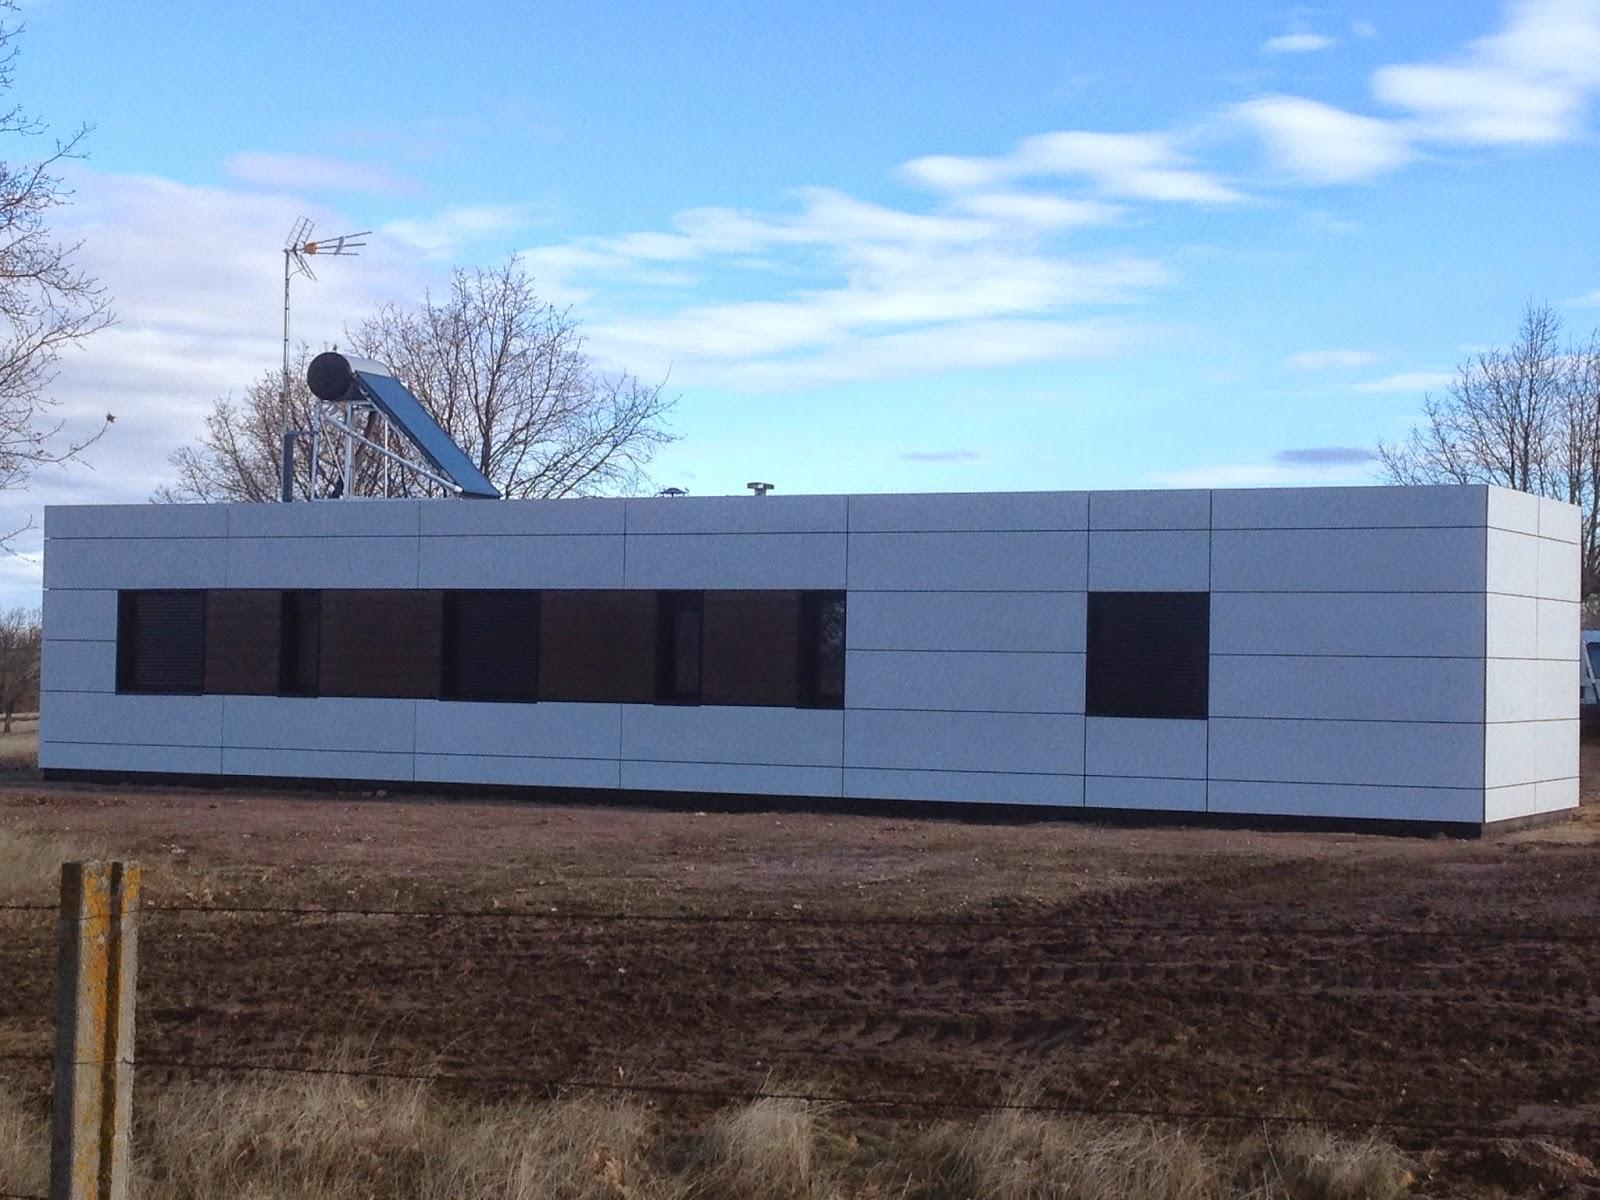 Vivienda modular Resan construcción en seco